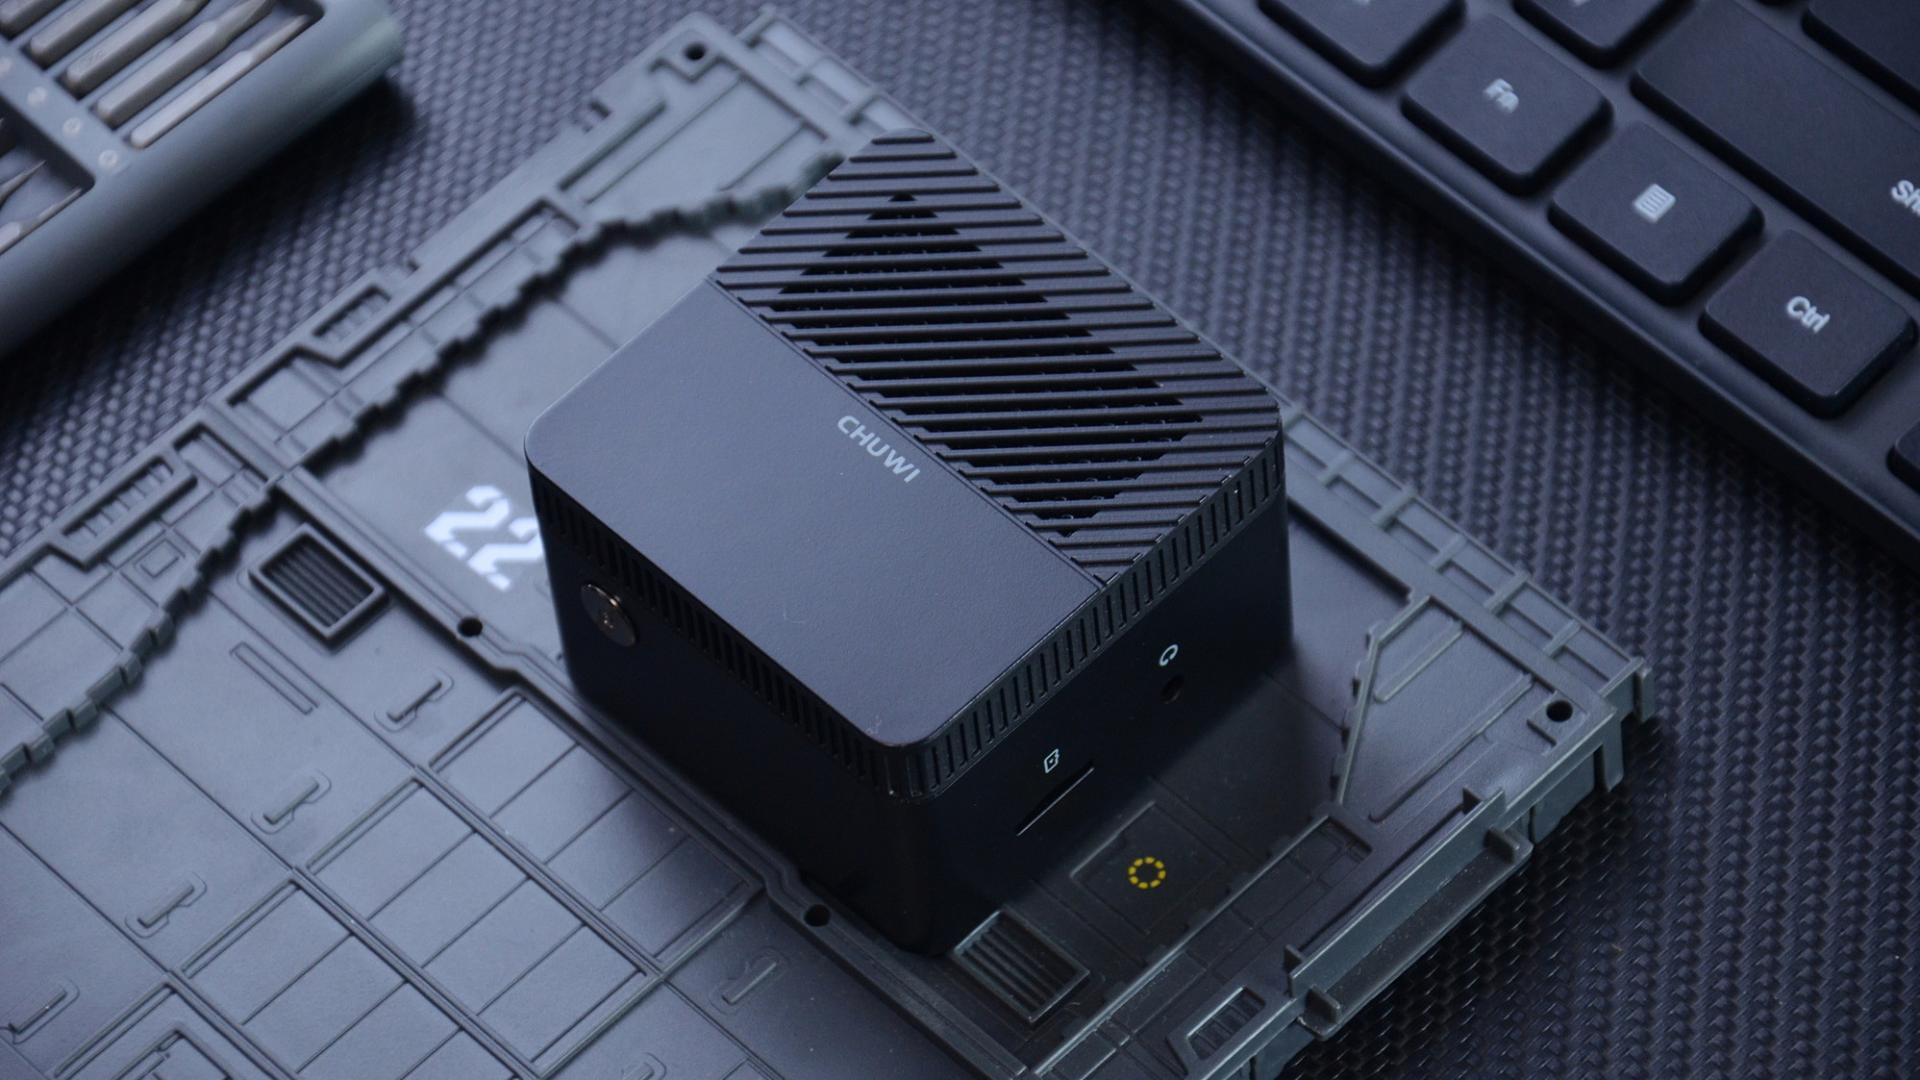 国产迷你PC主机评测:128GB,搭载四核处理器,仅掌心大小